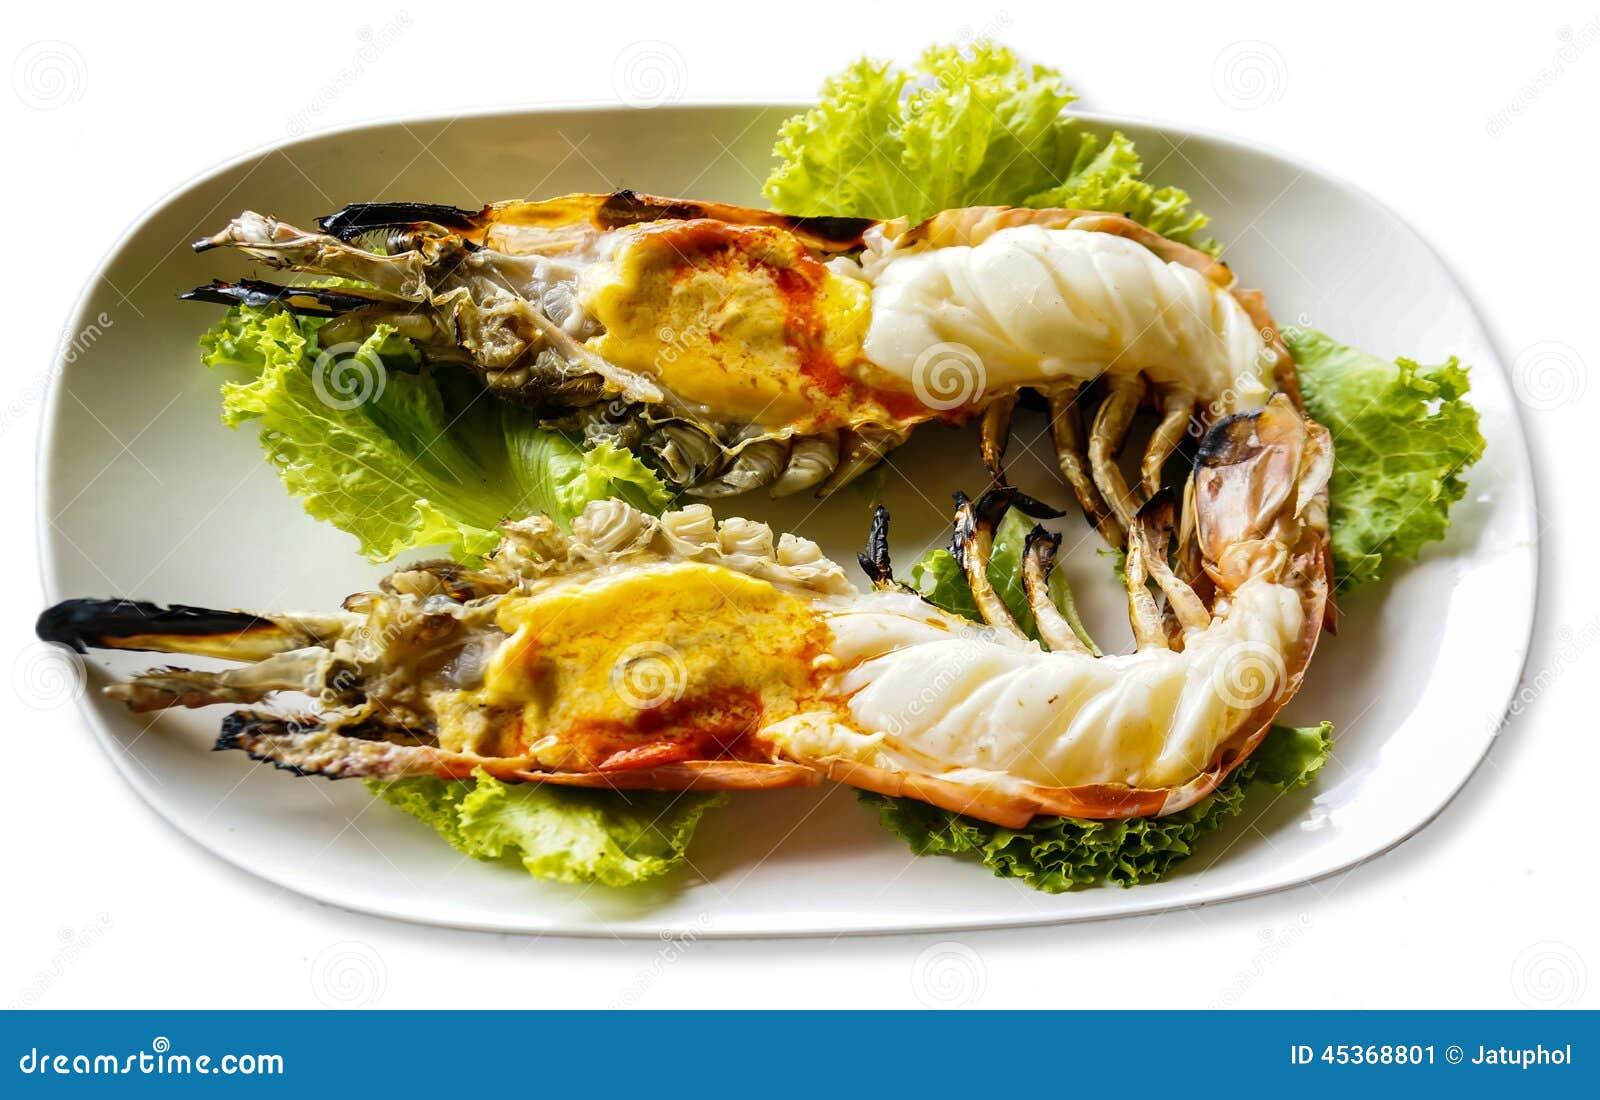 Crevette grillée